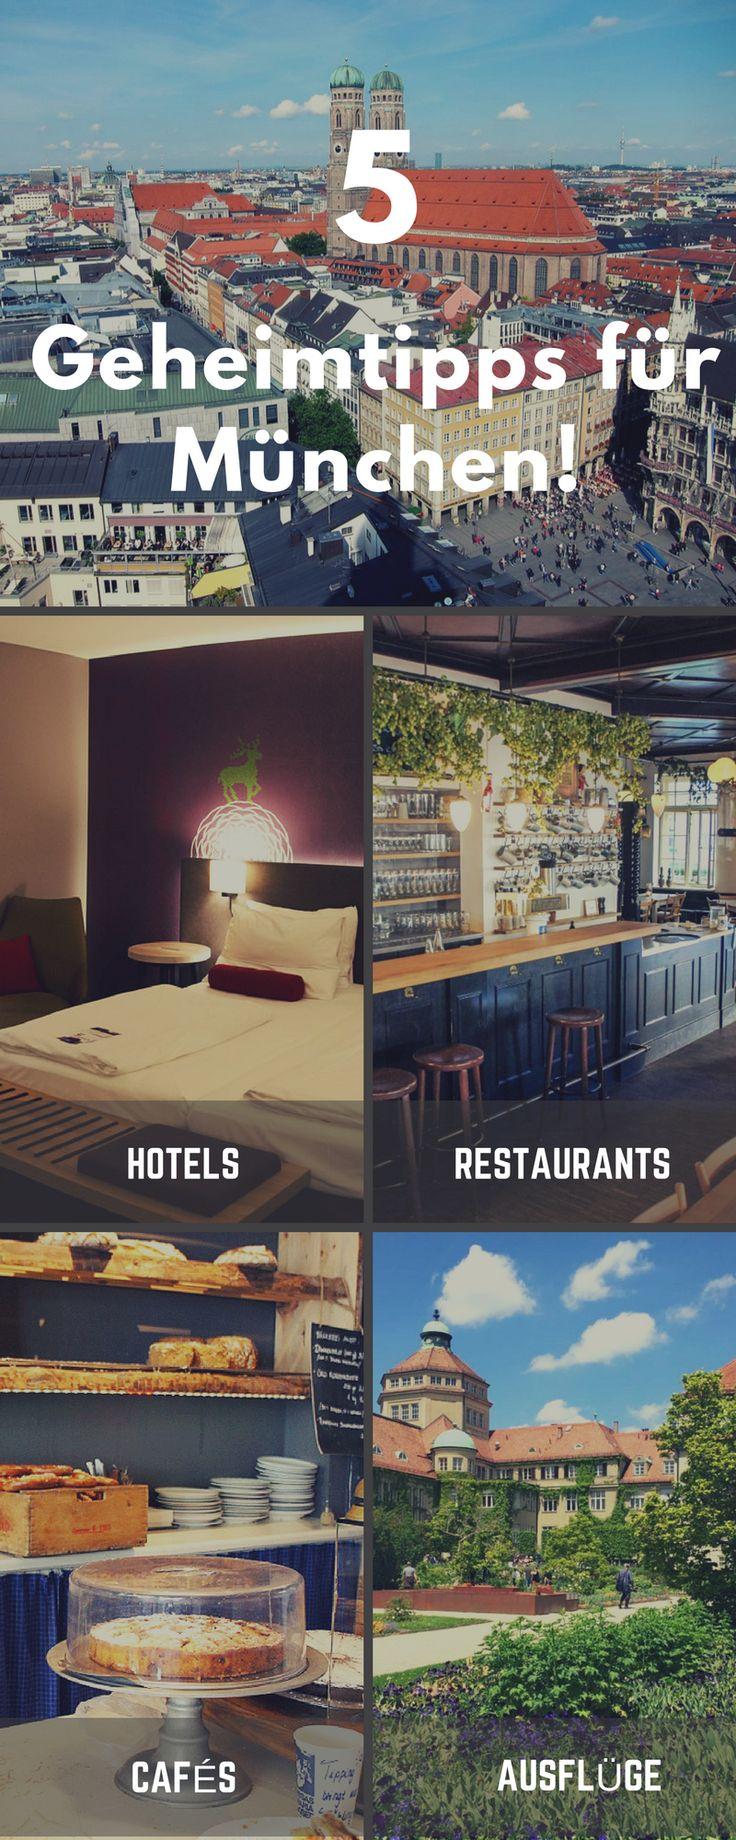 Wer München bei seinem nächsten Städtetrip für einen Kurzurlaub besuchen mag, findet hier die besten Tipps von Einheimischen. Absolute Geheimtipps, Insidertipps und geheime Orte, die nur echte Locals kennen. Hofbräuhaus? Da kann München mehr! Egal ob Wirtshaus, Café, Hotel oder Ausflüge in und um München. Auf dem Blog findet ihr die besten Reiseberichte, Empfehlungen für München, Sehenswürdigkeiten und Restauranttipps.